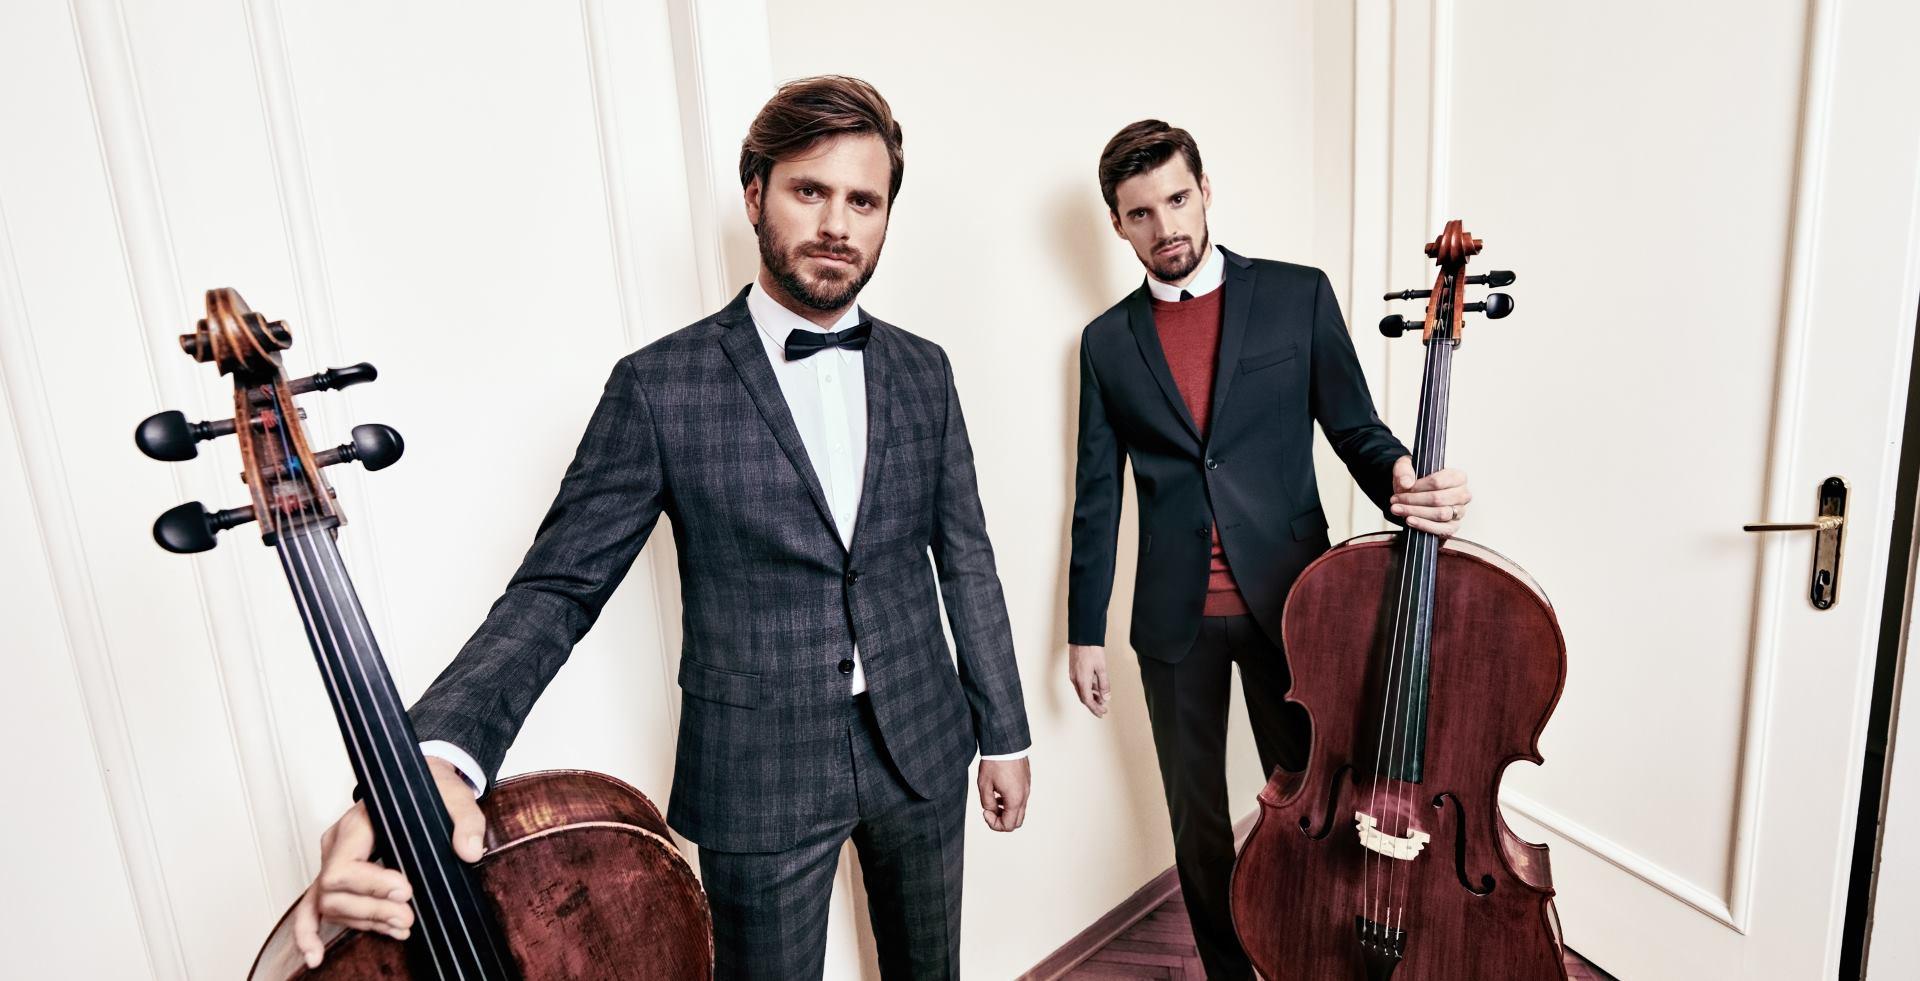 FOTO: S.OLIVER Božićna kampanja s proslavljenim glazbenicima 2Cellos